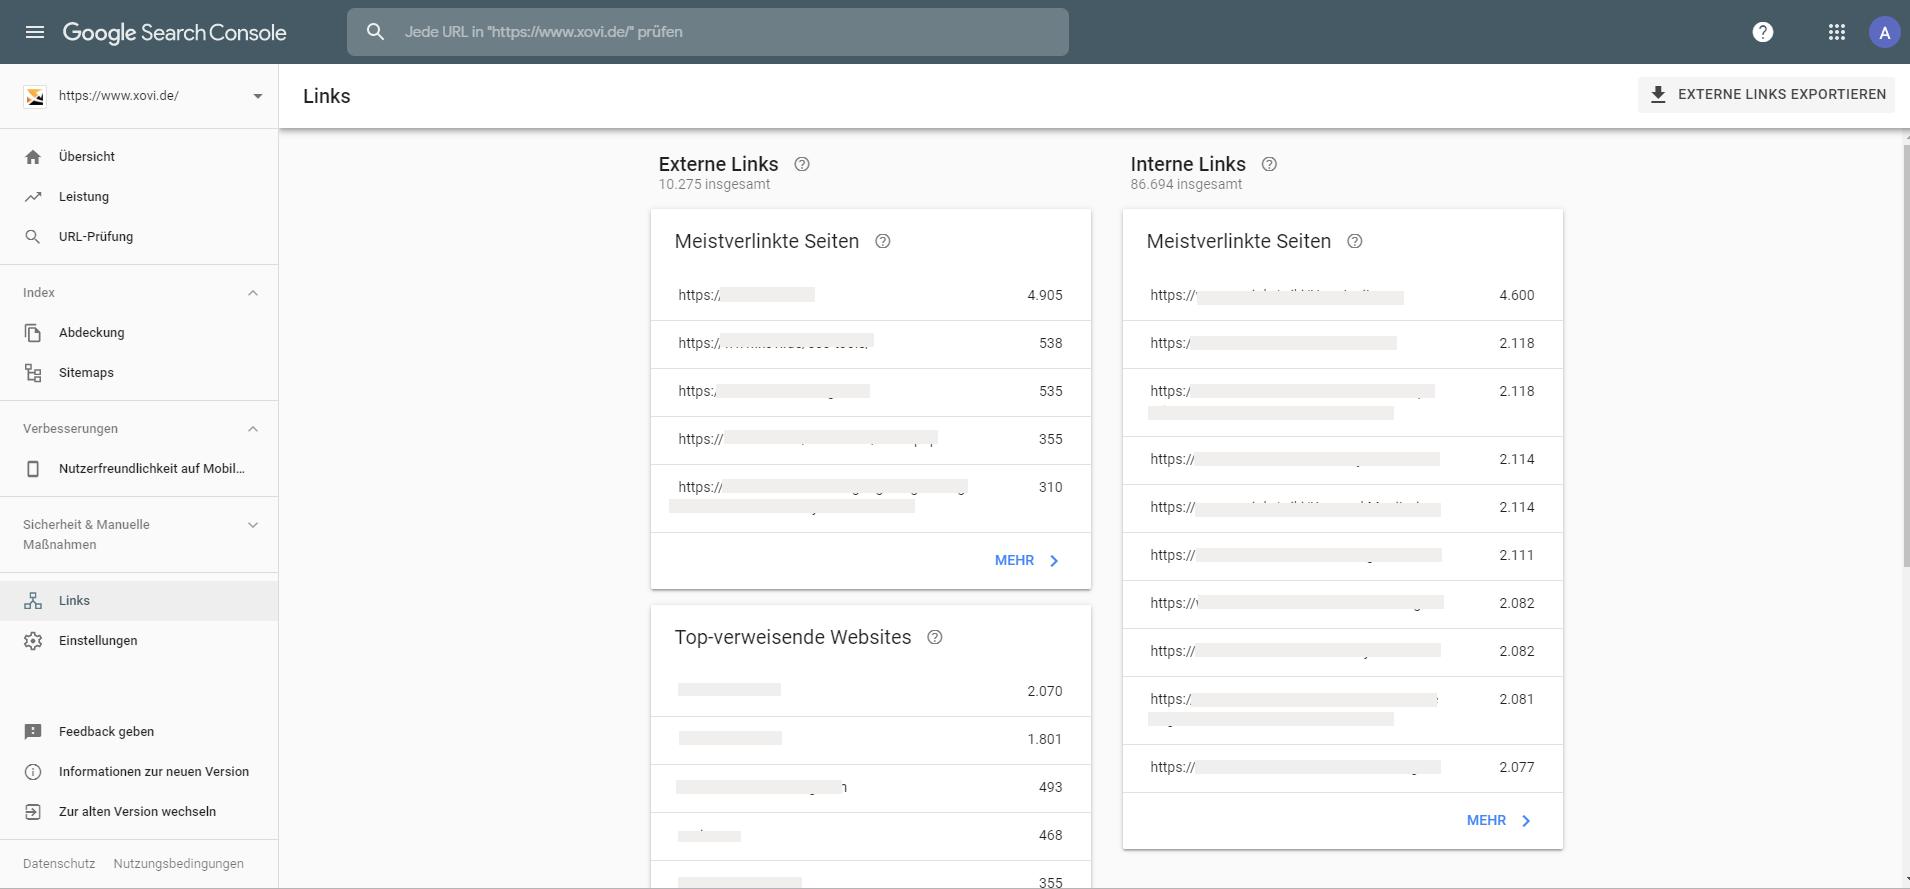 Die Google Search Console listet alle externen und internen Links sowie die Top-verweisenden Websites